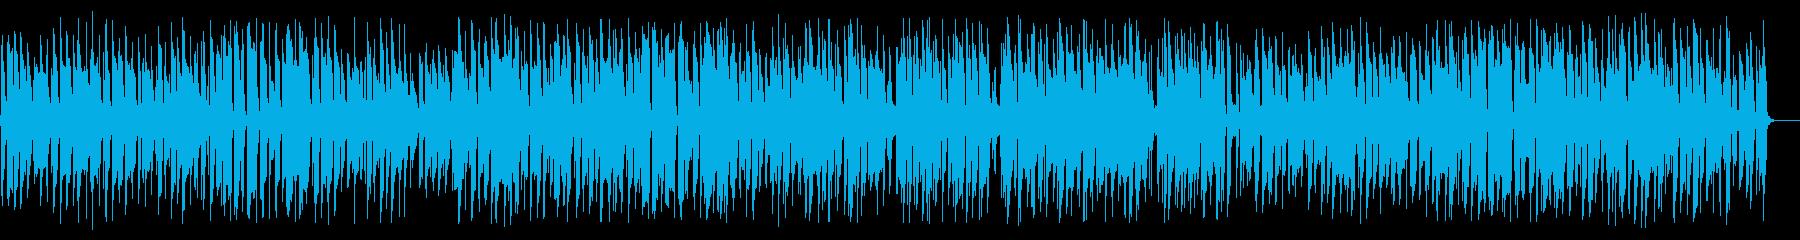 陽気でのどかなジャズで名曲オーラ・リーの再生済みの波形